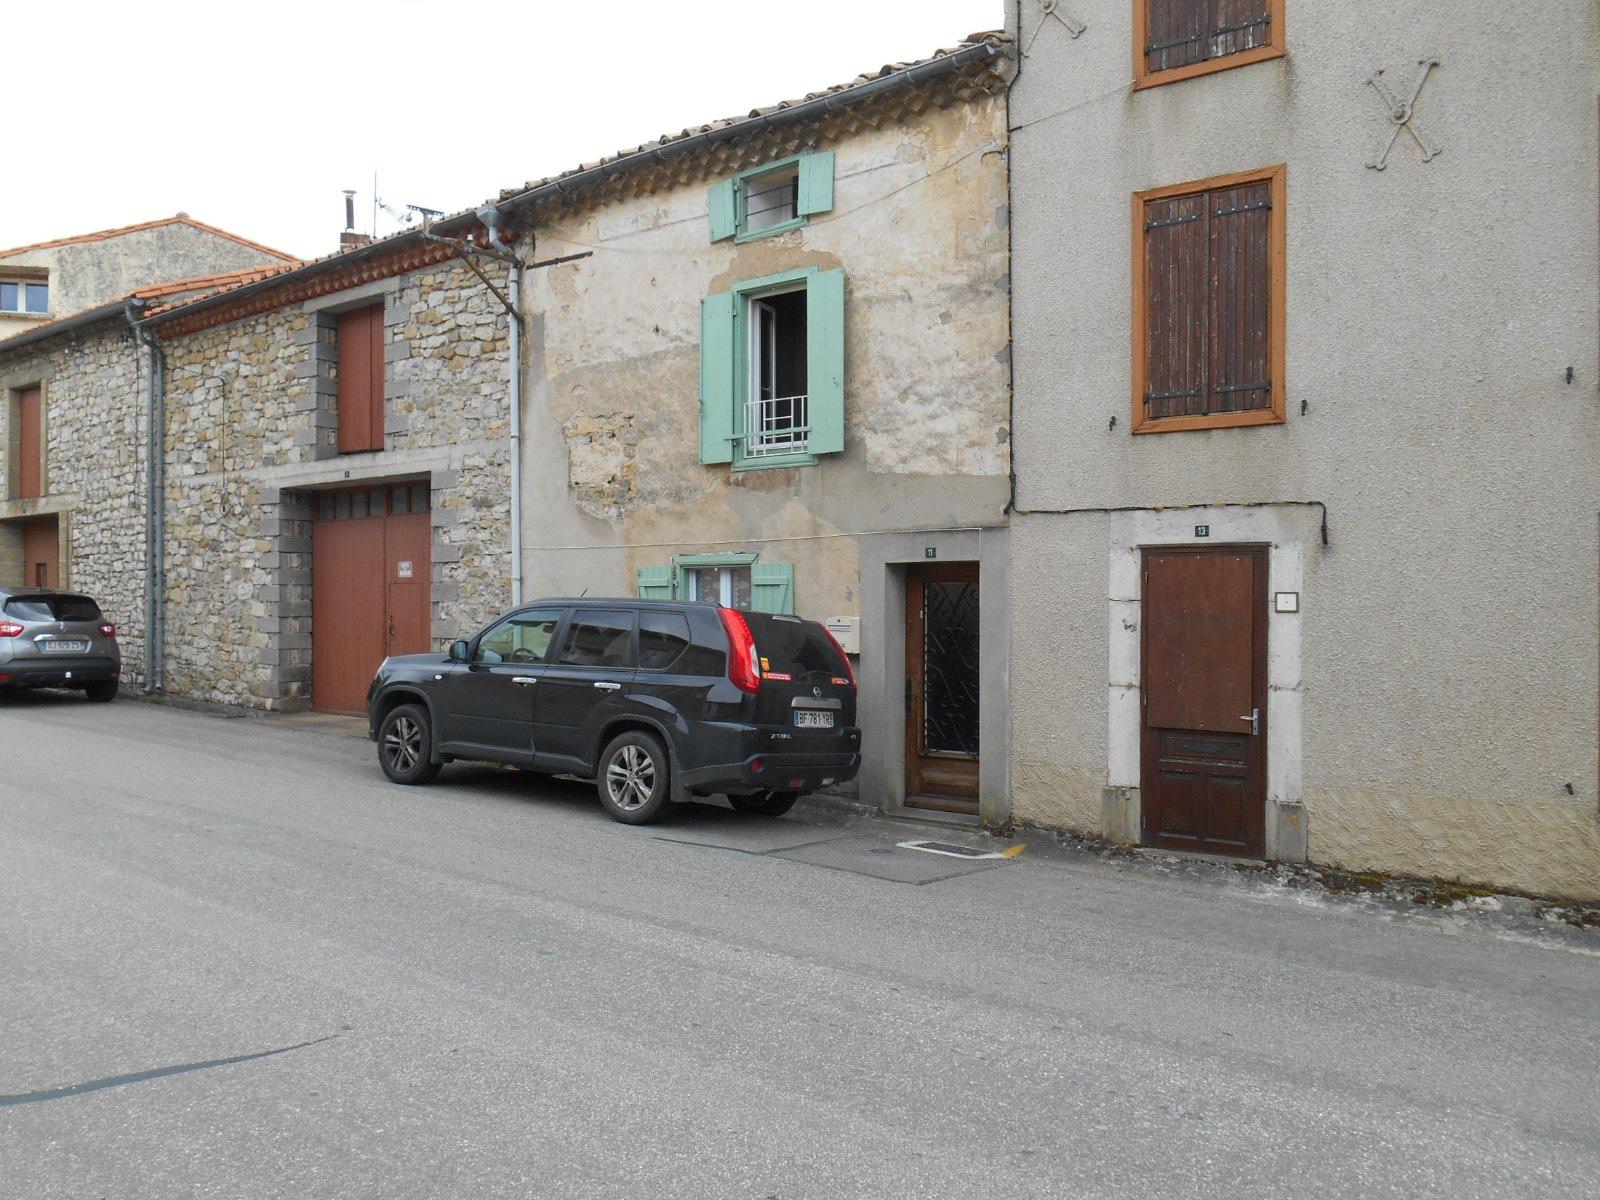 Puivert puivert dans l 39 aude maison de village vendre for Achat maison aude